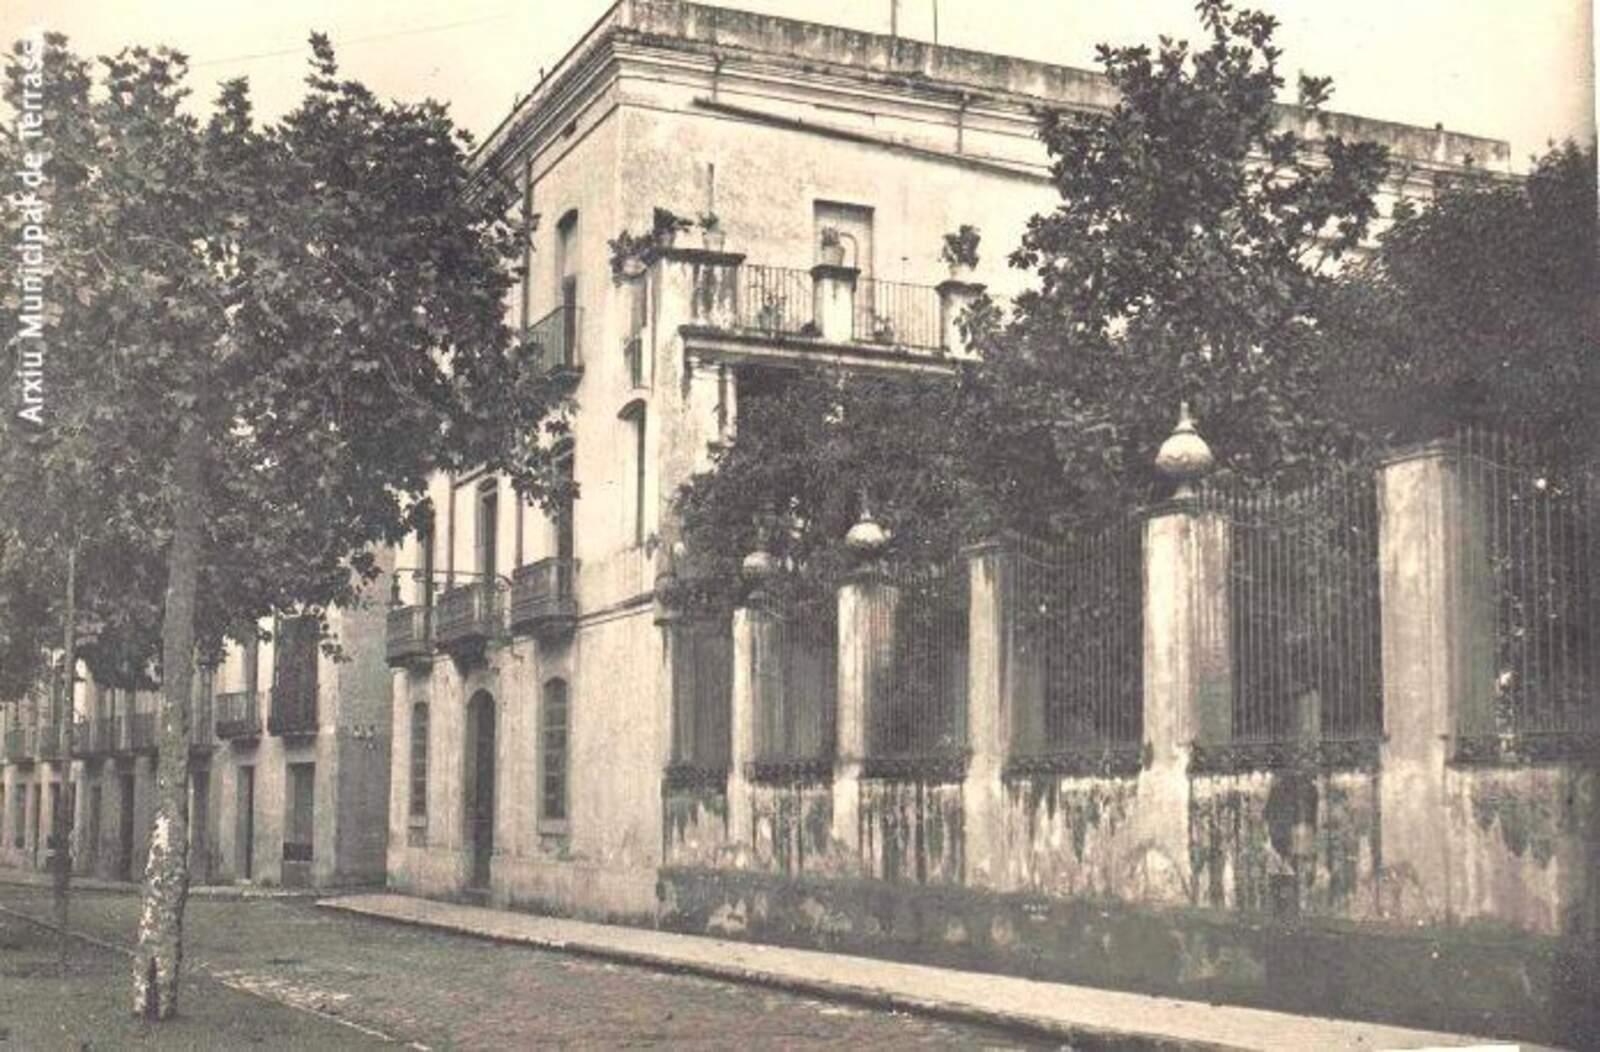 Edifici de la casa Montllor al Passeig, on s'instal·larà la futura seu de la Mútua de Terrassa. Anys 20.